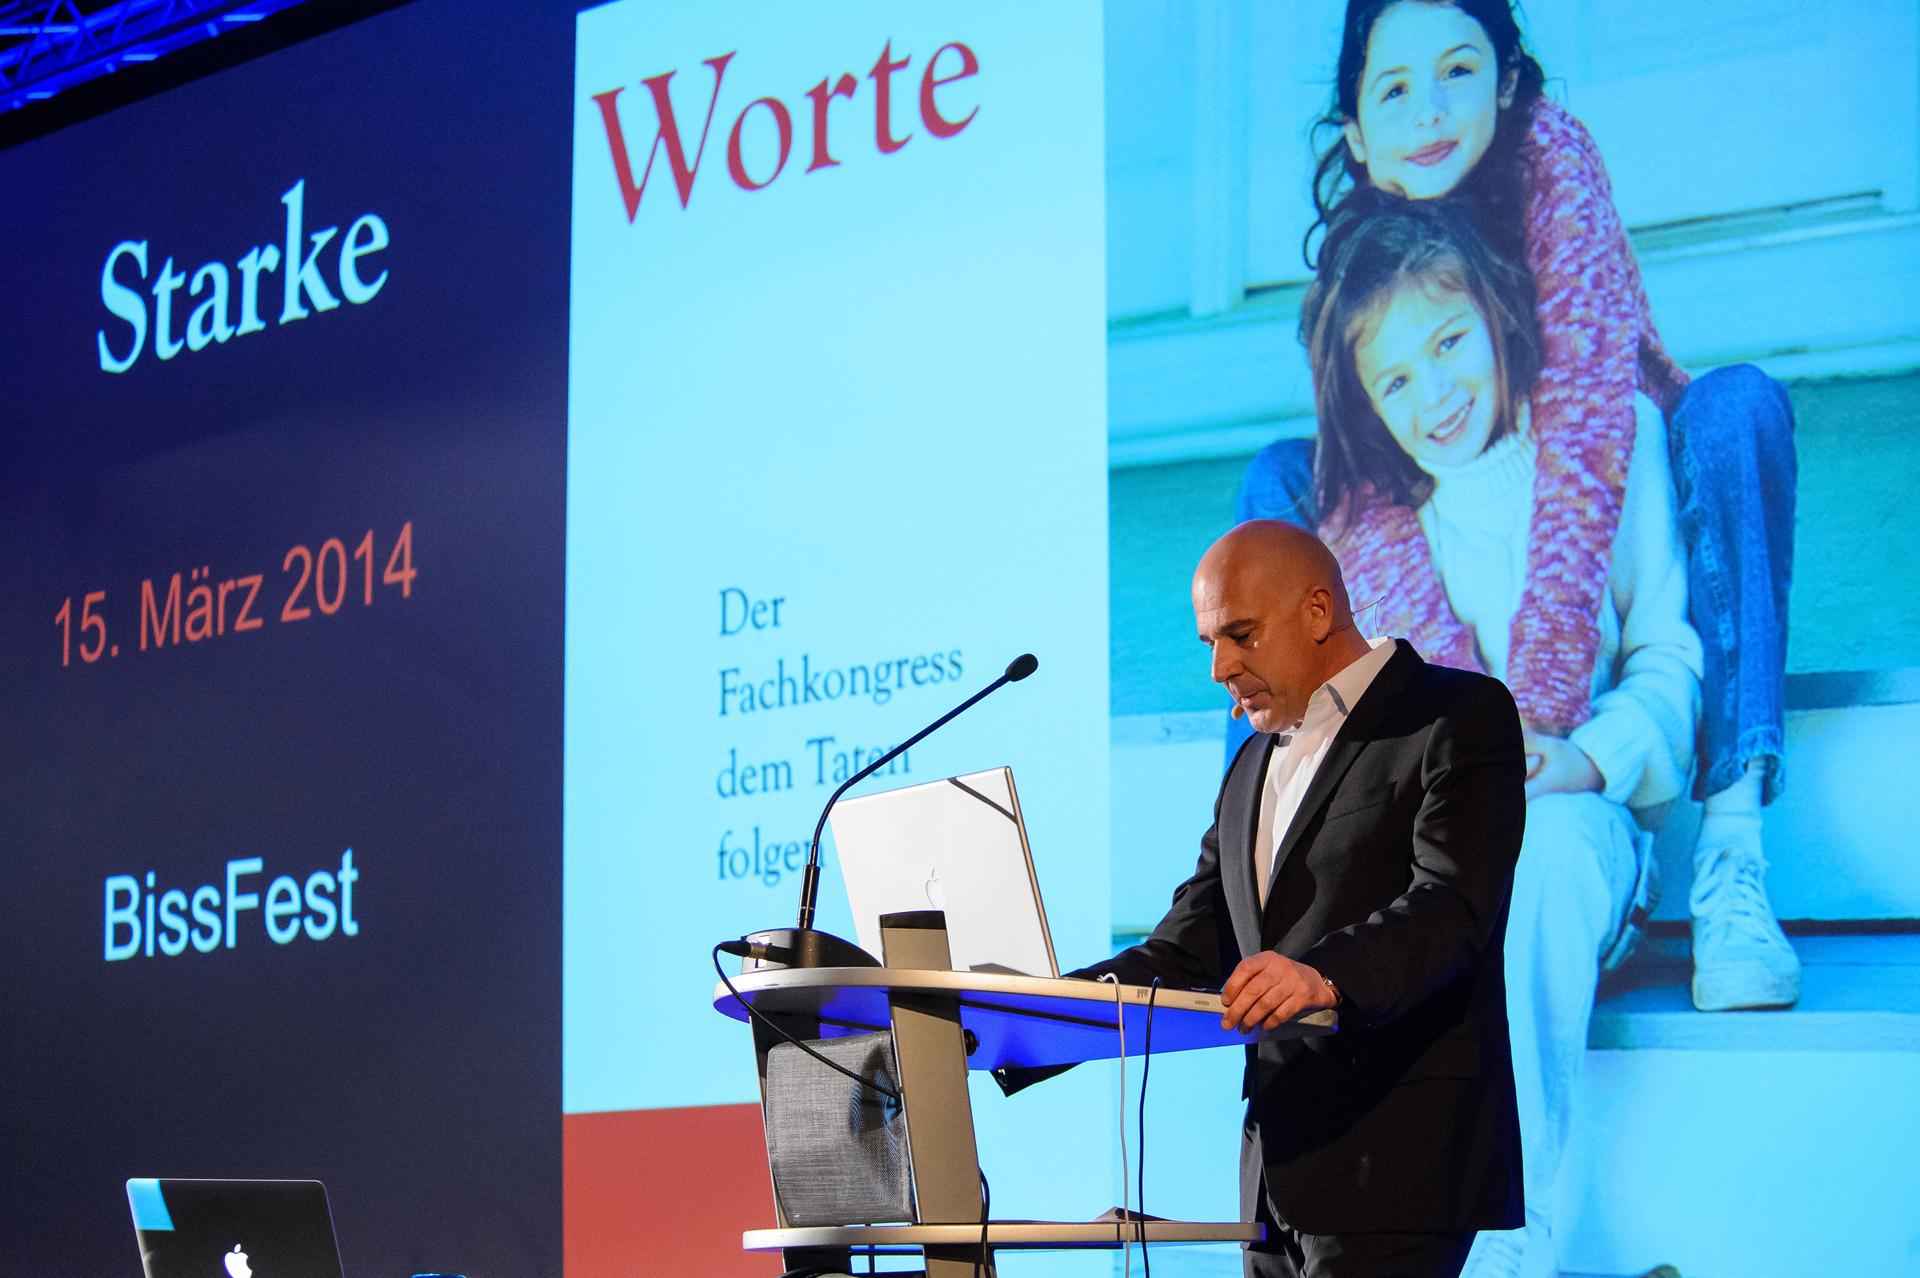 Zahnkultur Köln - Dr. Martin Schneider auf der Bühne